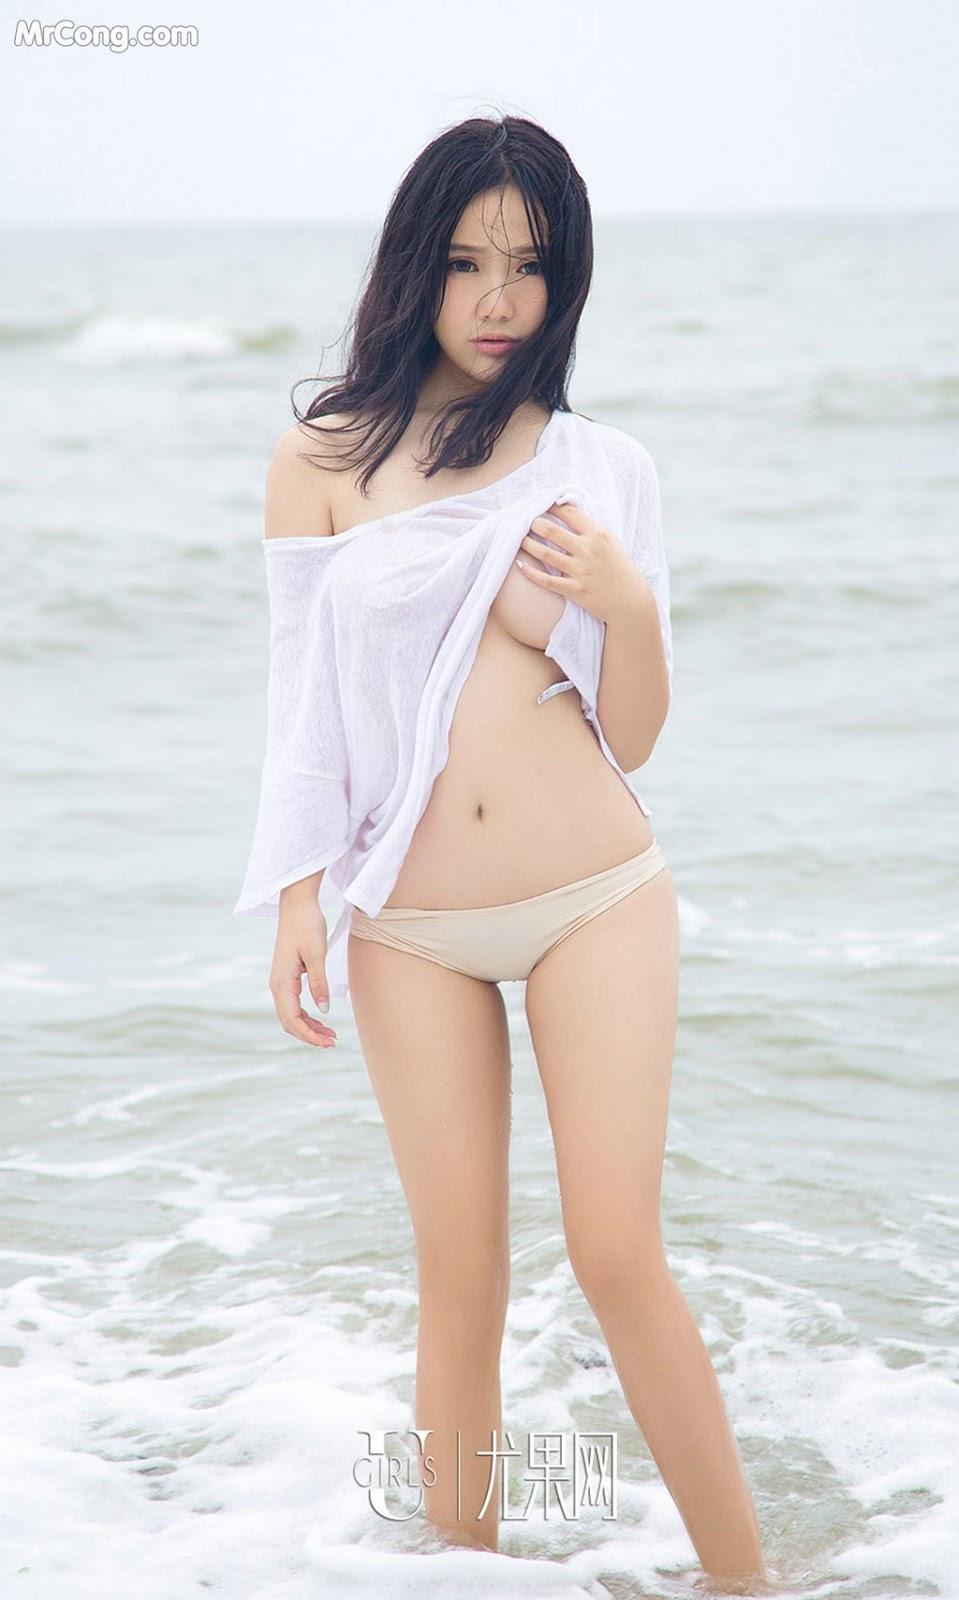 Image UGIRLS-Ai-You-Wu-App-No.864-Ni-Ye-Teng-MrCong.com-027 in post UGIRLS – Ai You Wu App No.864: Người mẫu Ni Ye Teng (倪叶藤) (40 ảnh)